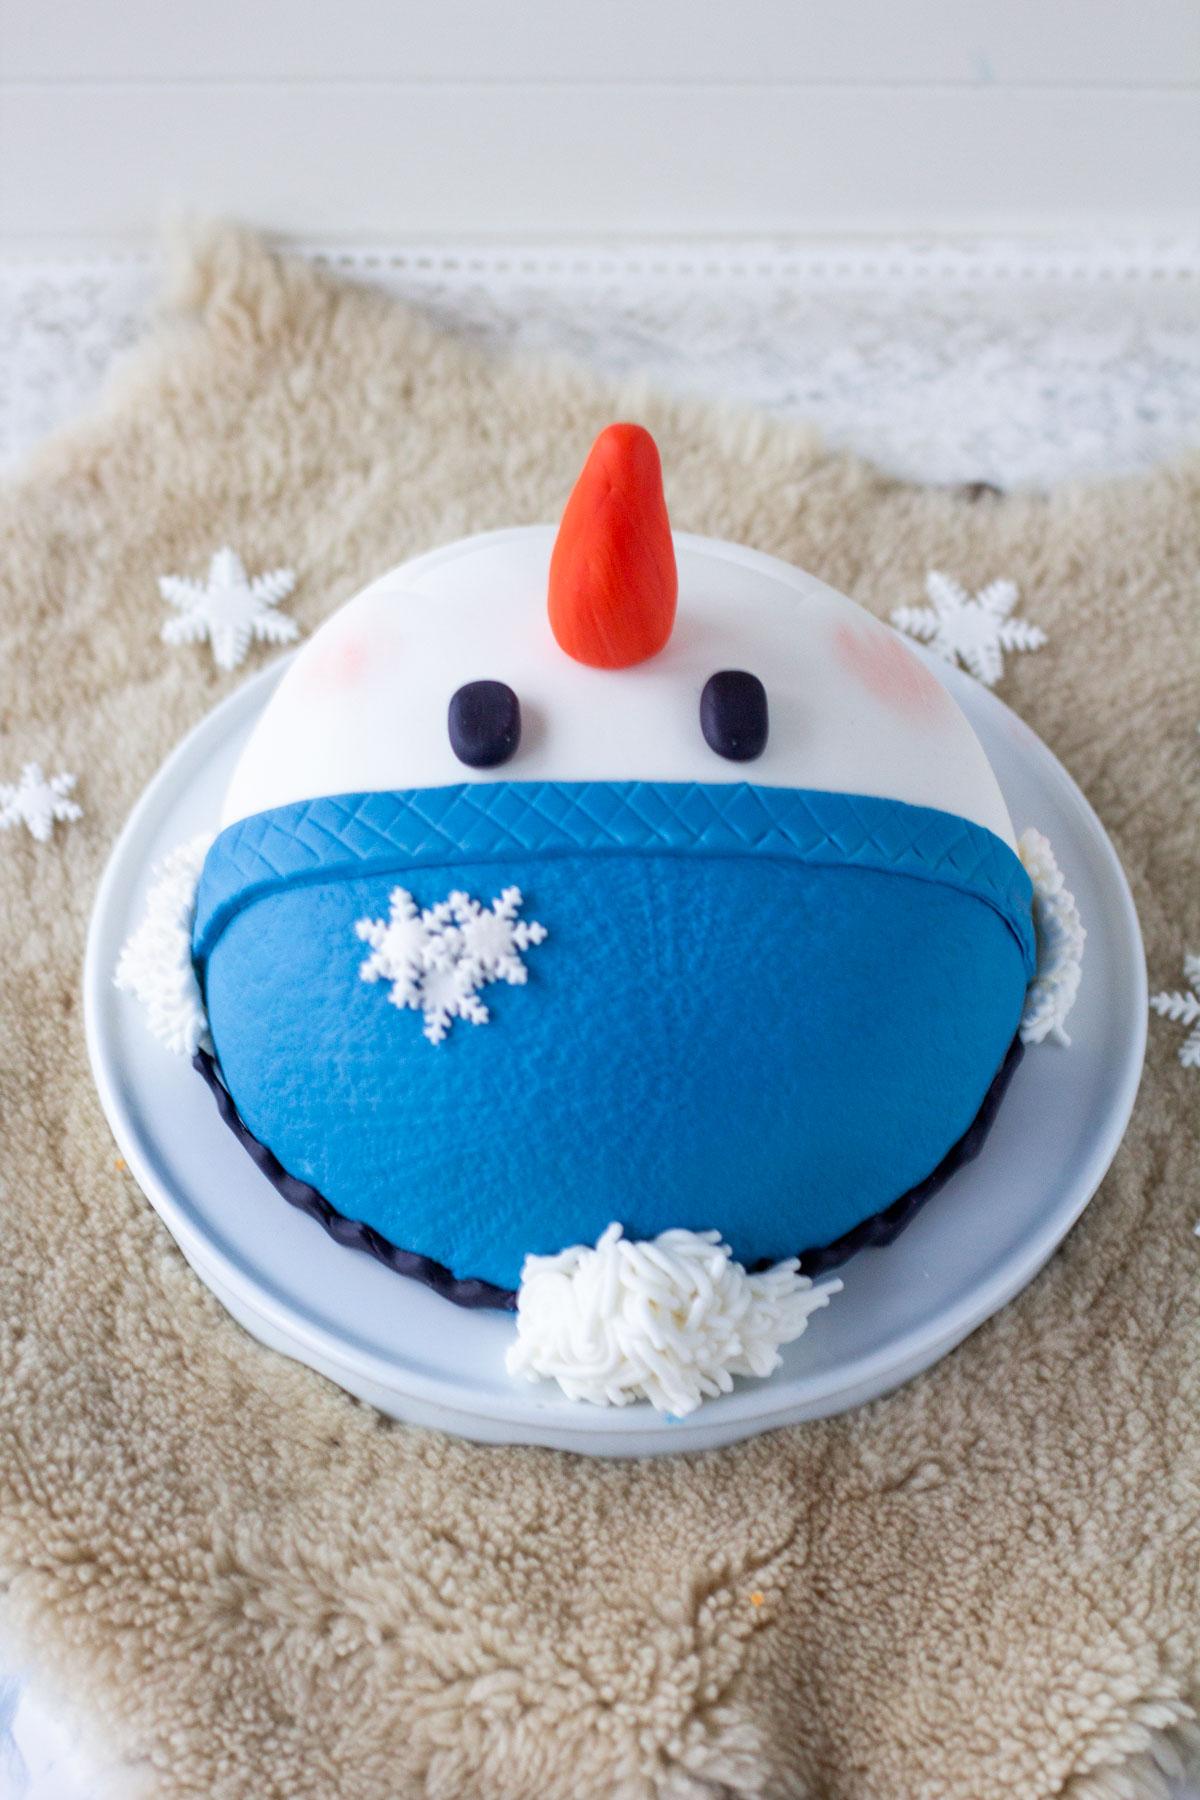 Valmis lumiukkokakku väärinpäin. Näkyy sokerimassan kuviointi